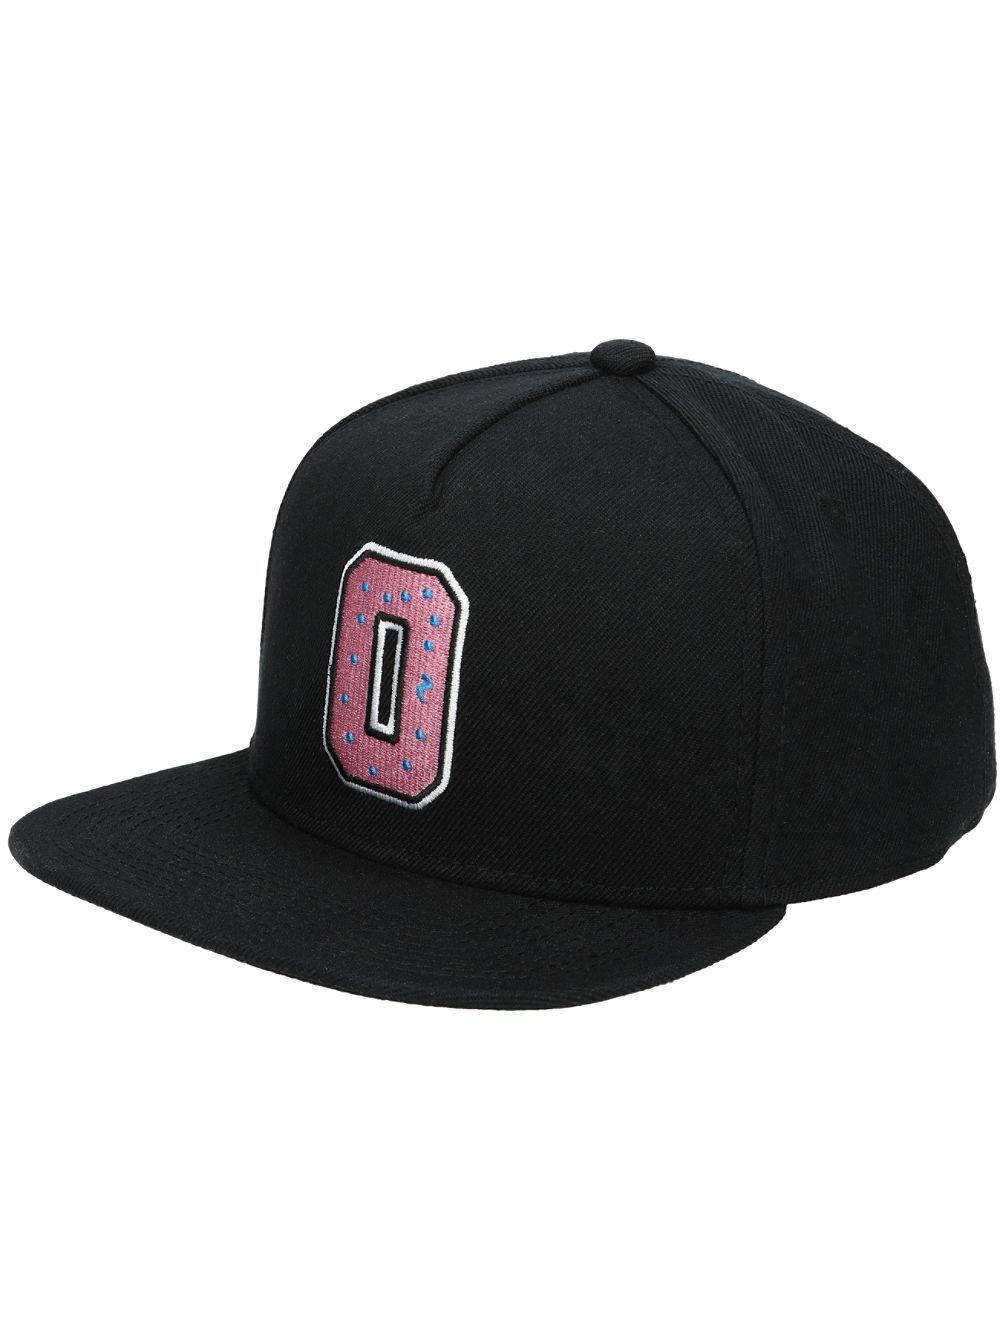 e751289b9c4f3 Buy Odd Future Collegiate 2 Donut Snapback Cap online at Blue Tomato